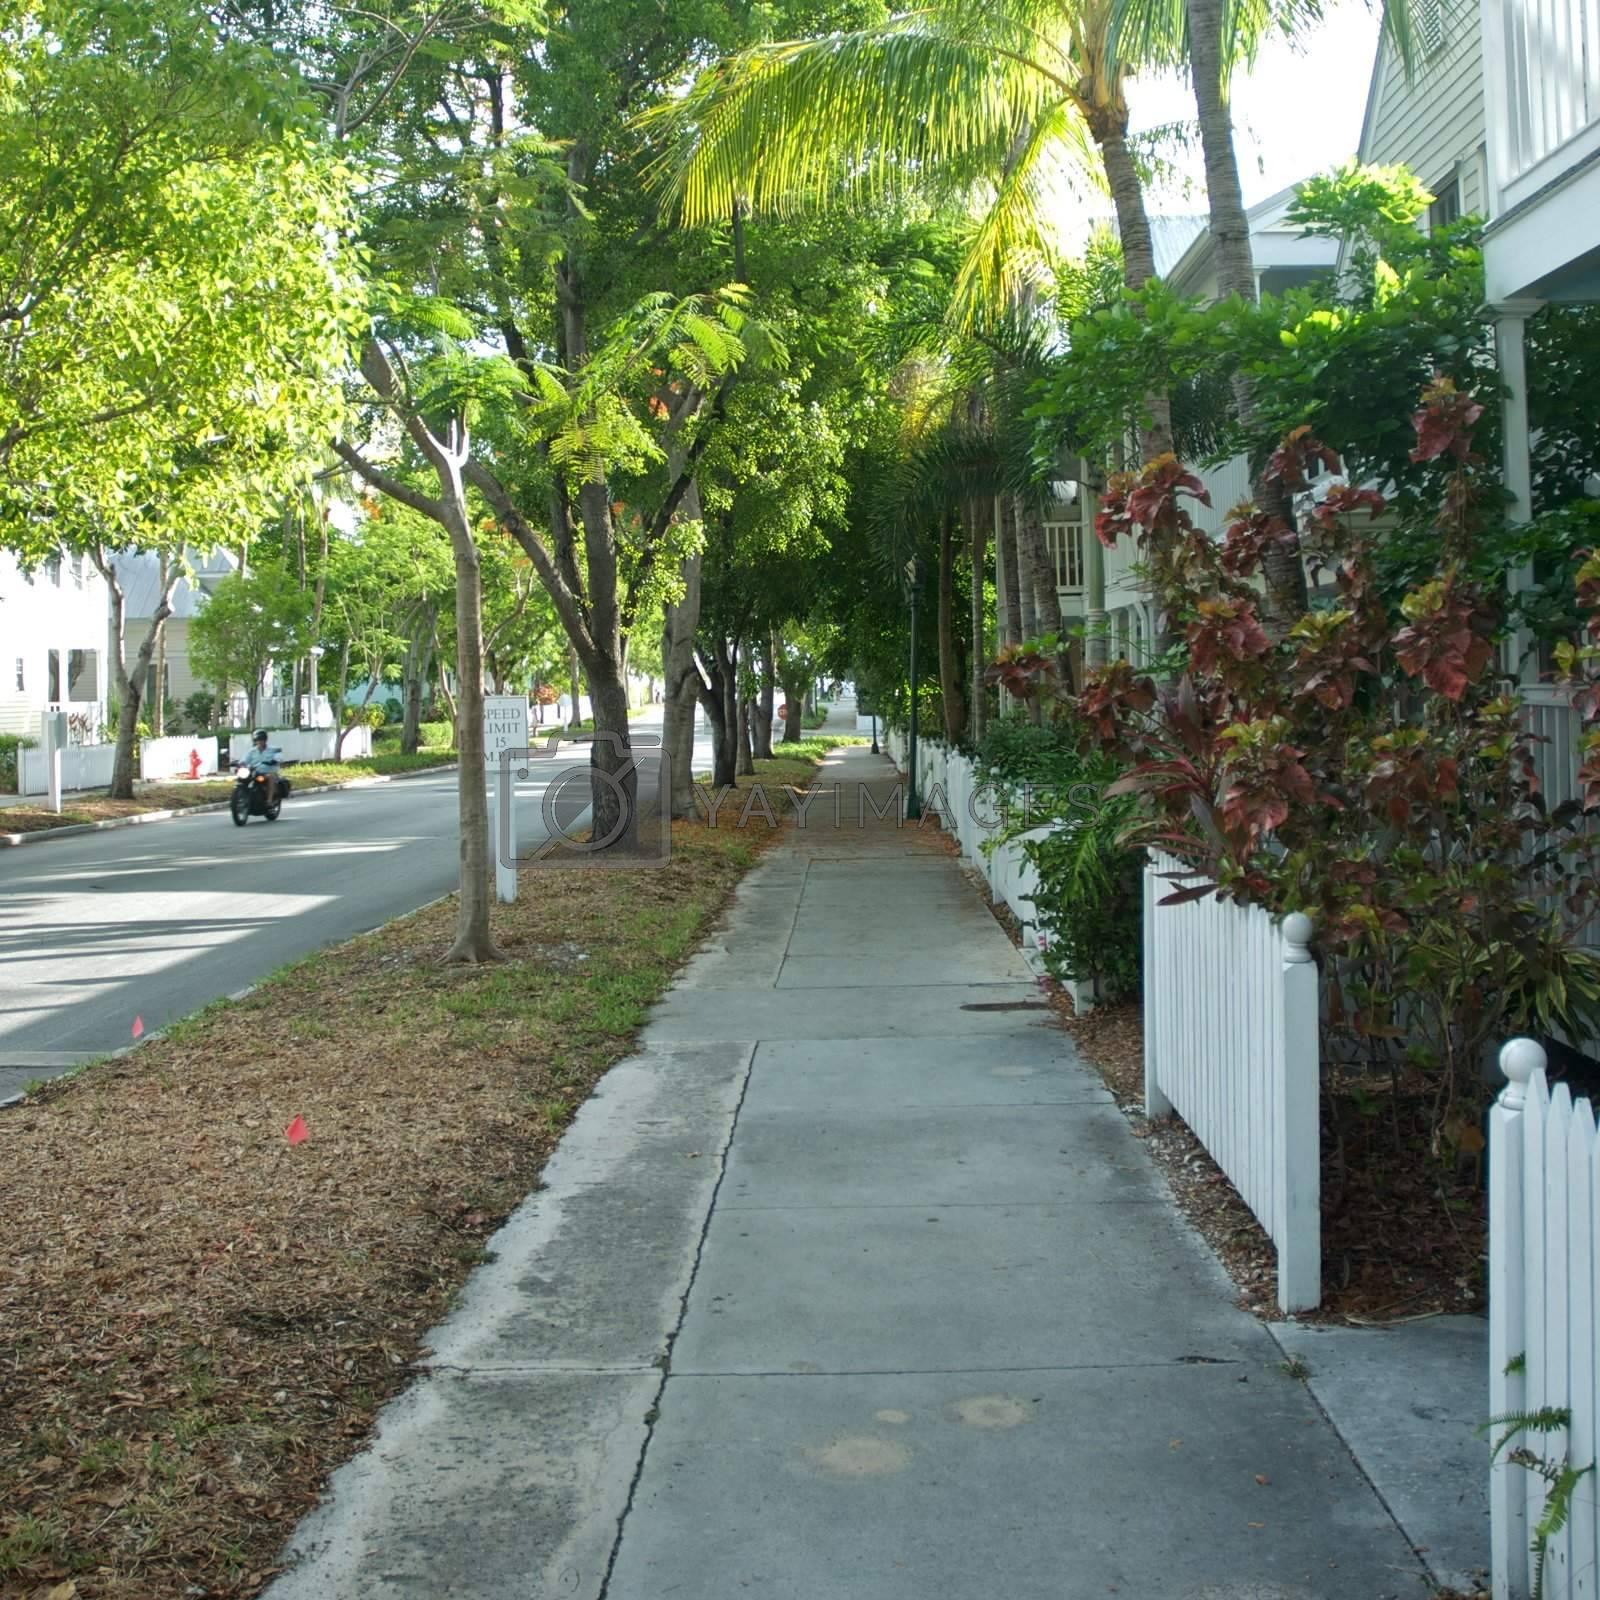 Downtown Key West, Florida by jedphoto